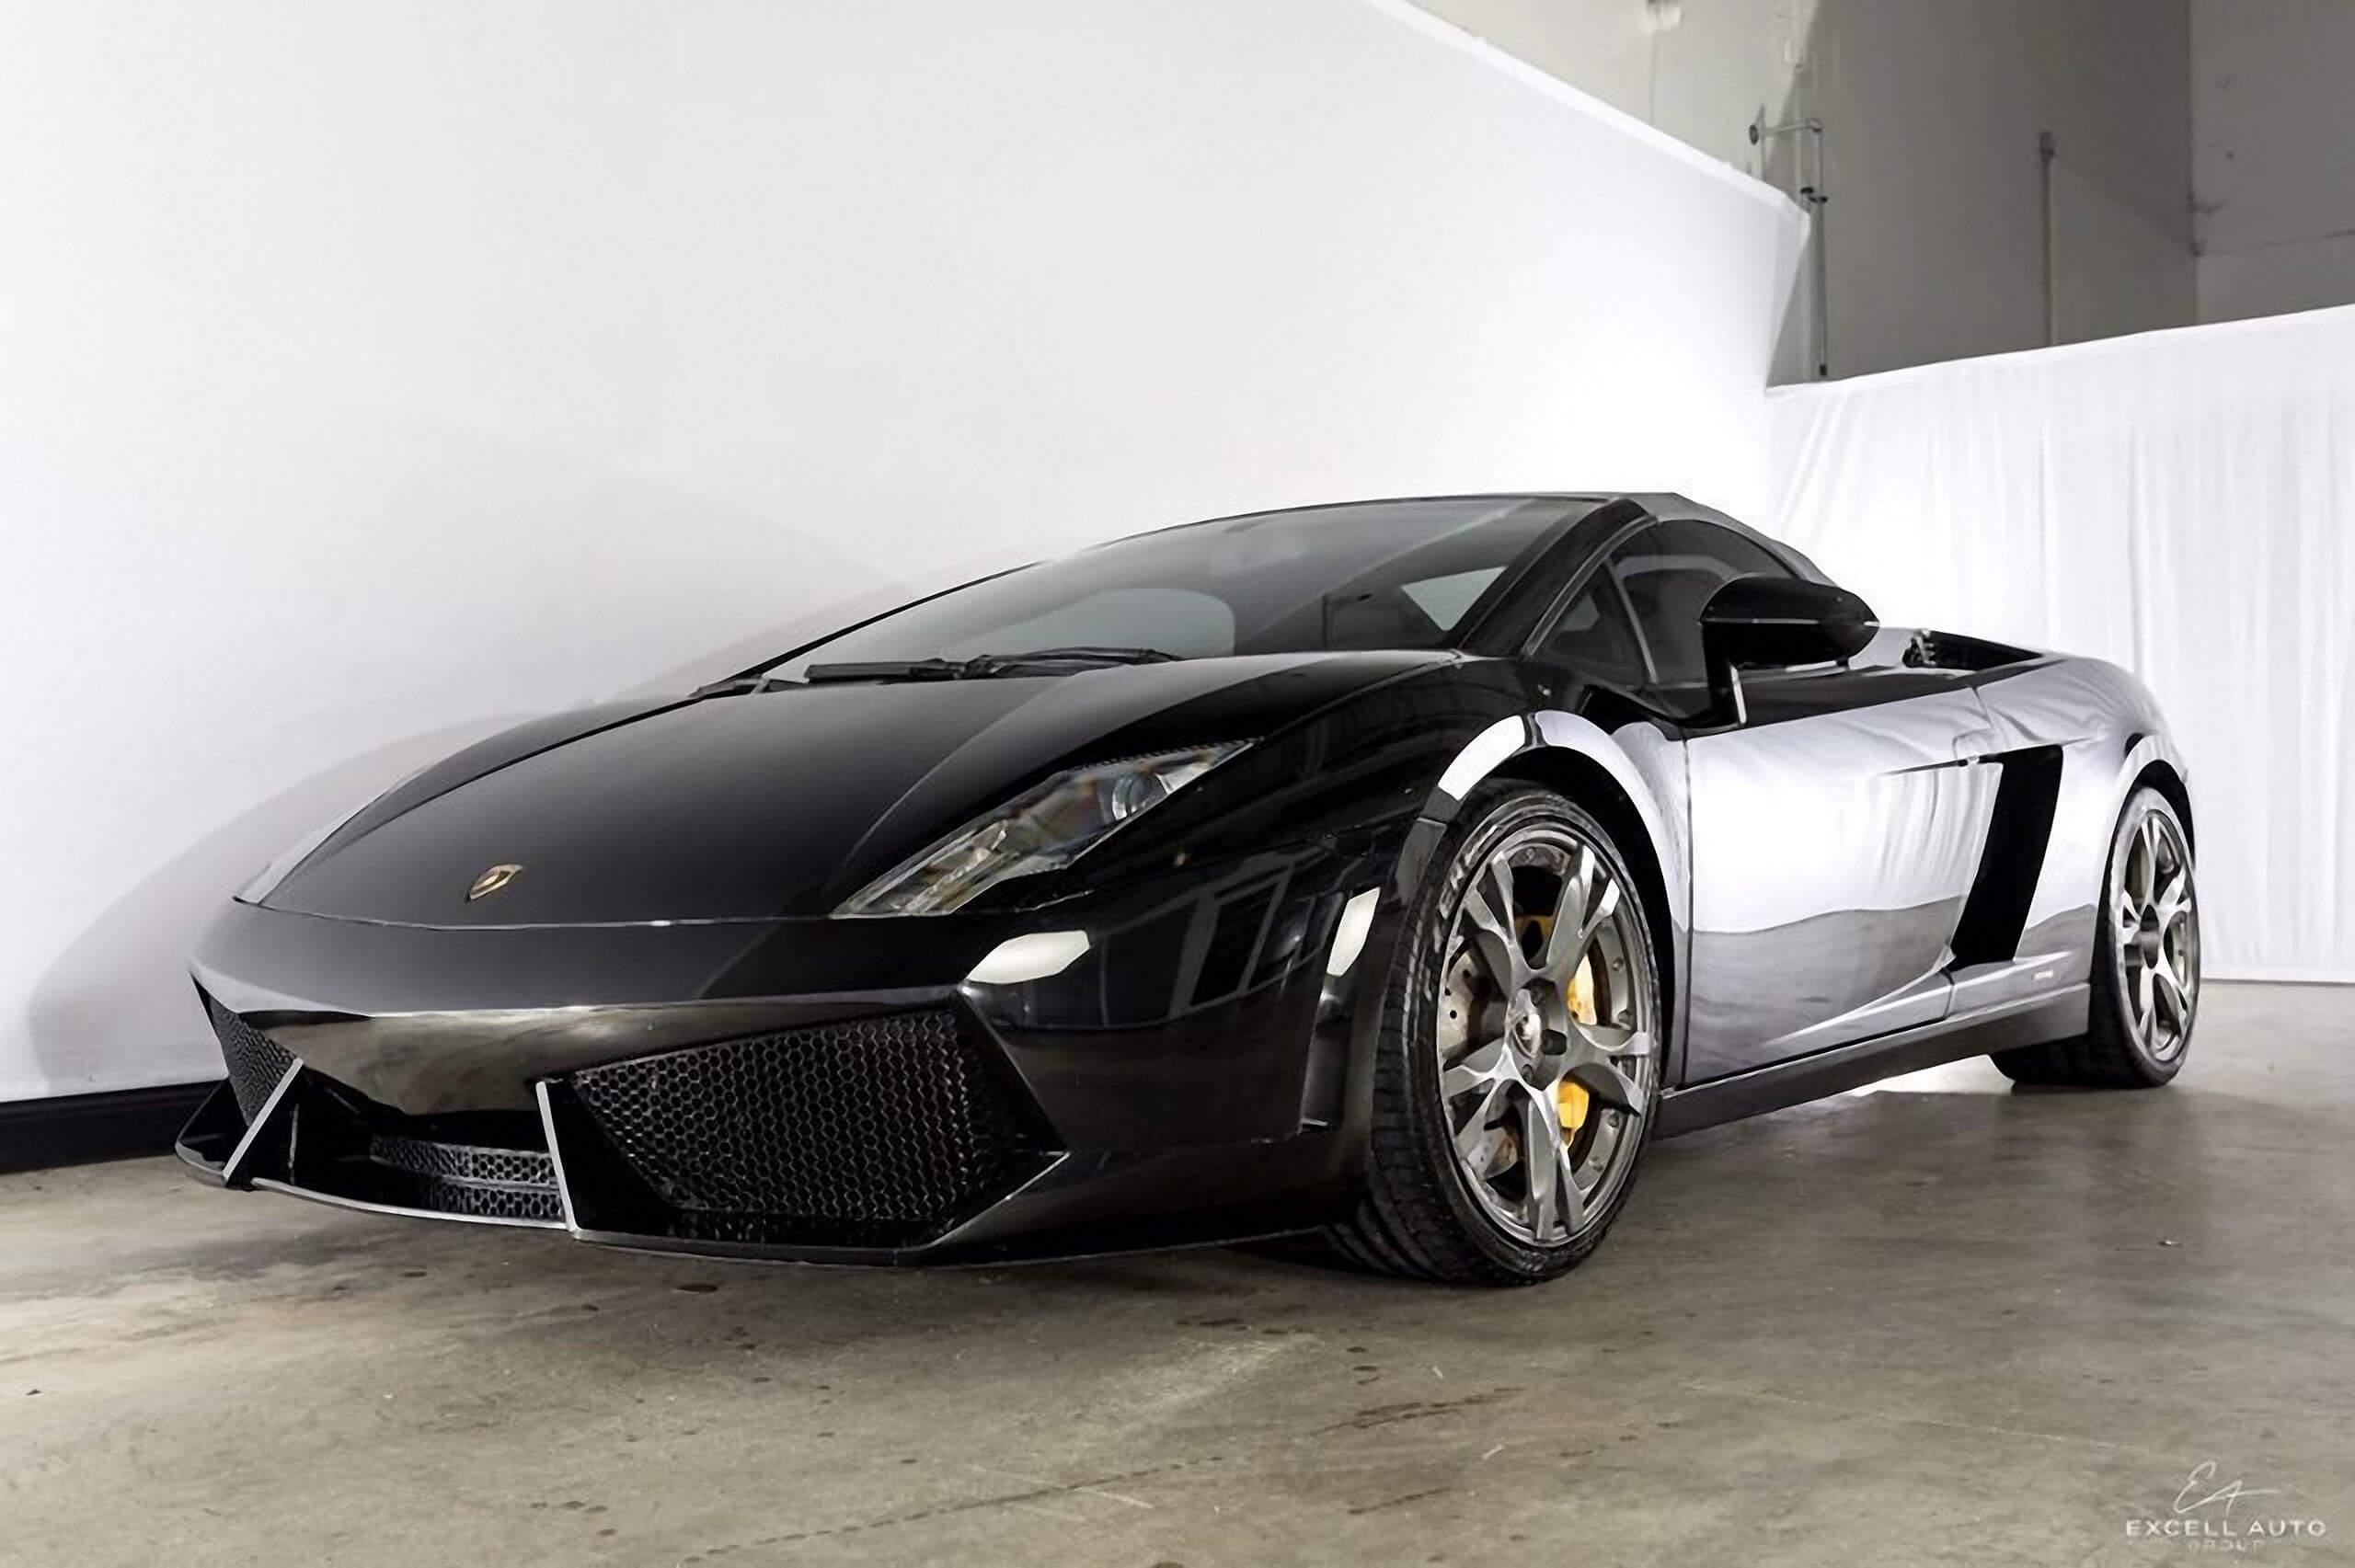 Excell Auto Group >> Lamborghini Gallardo (Black) - 34597